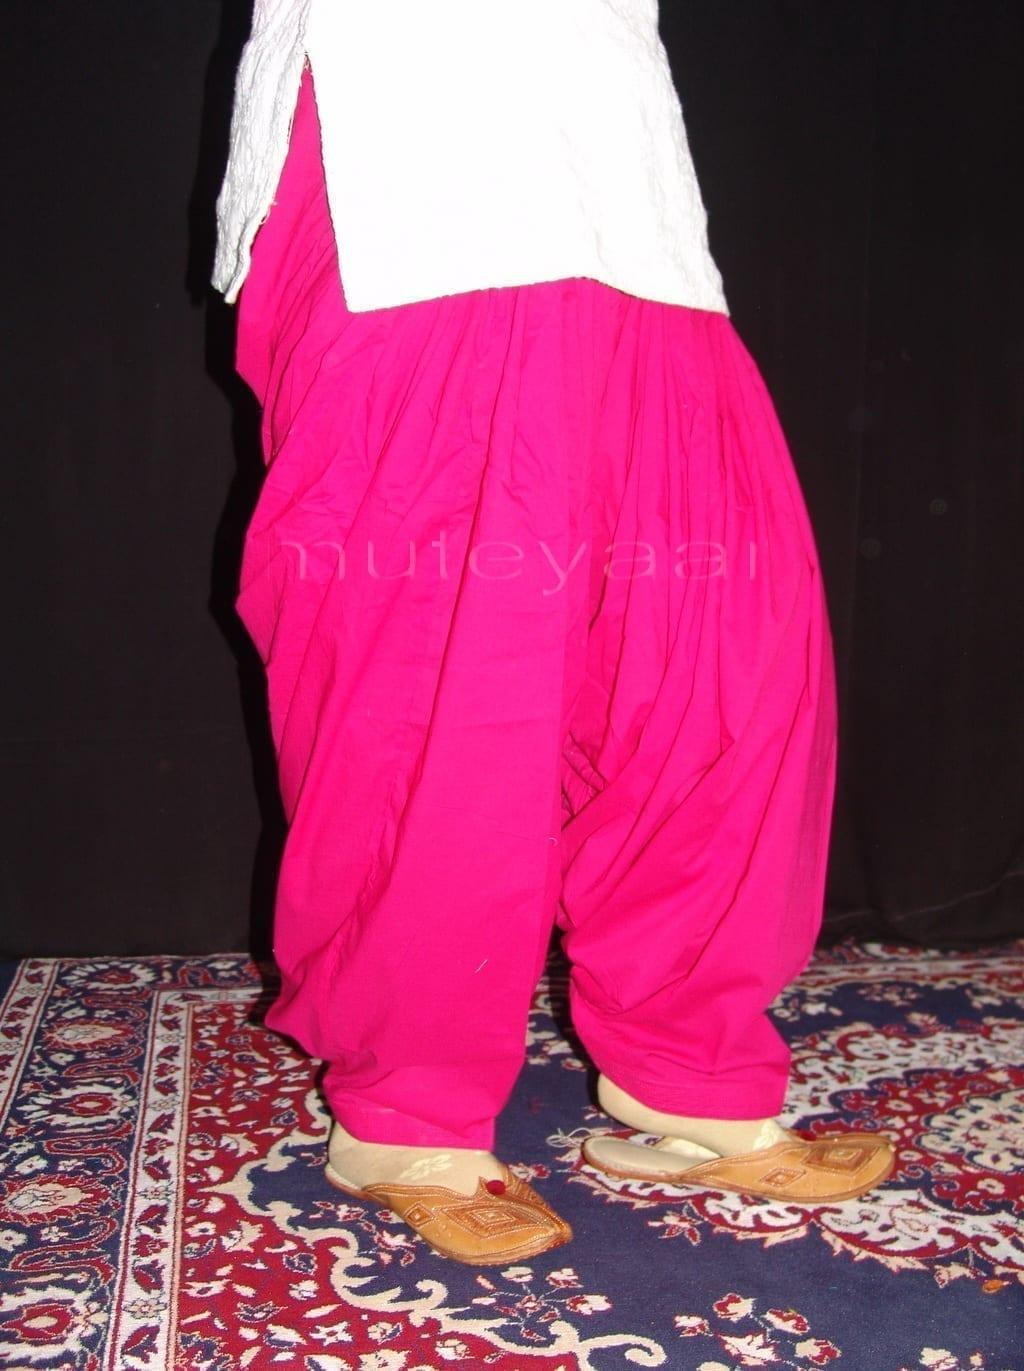 Patiala Salwars Wholesale Lot of 25 Pure Cotton Pants - Mix colours 19